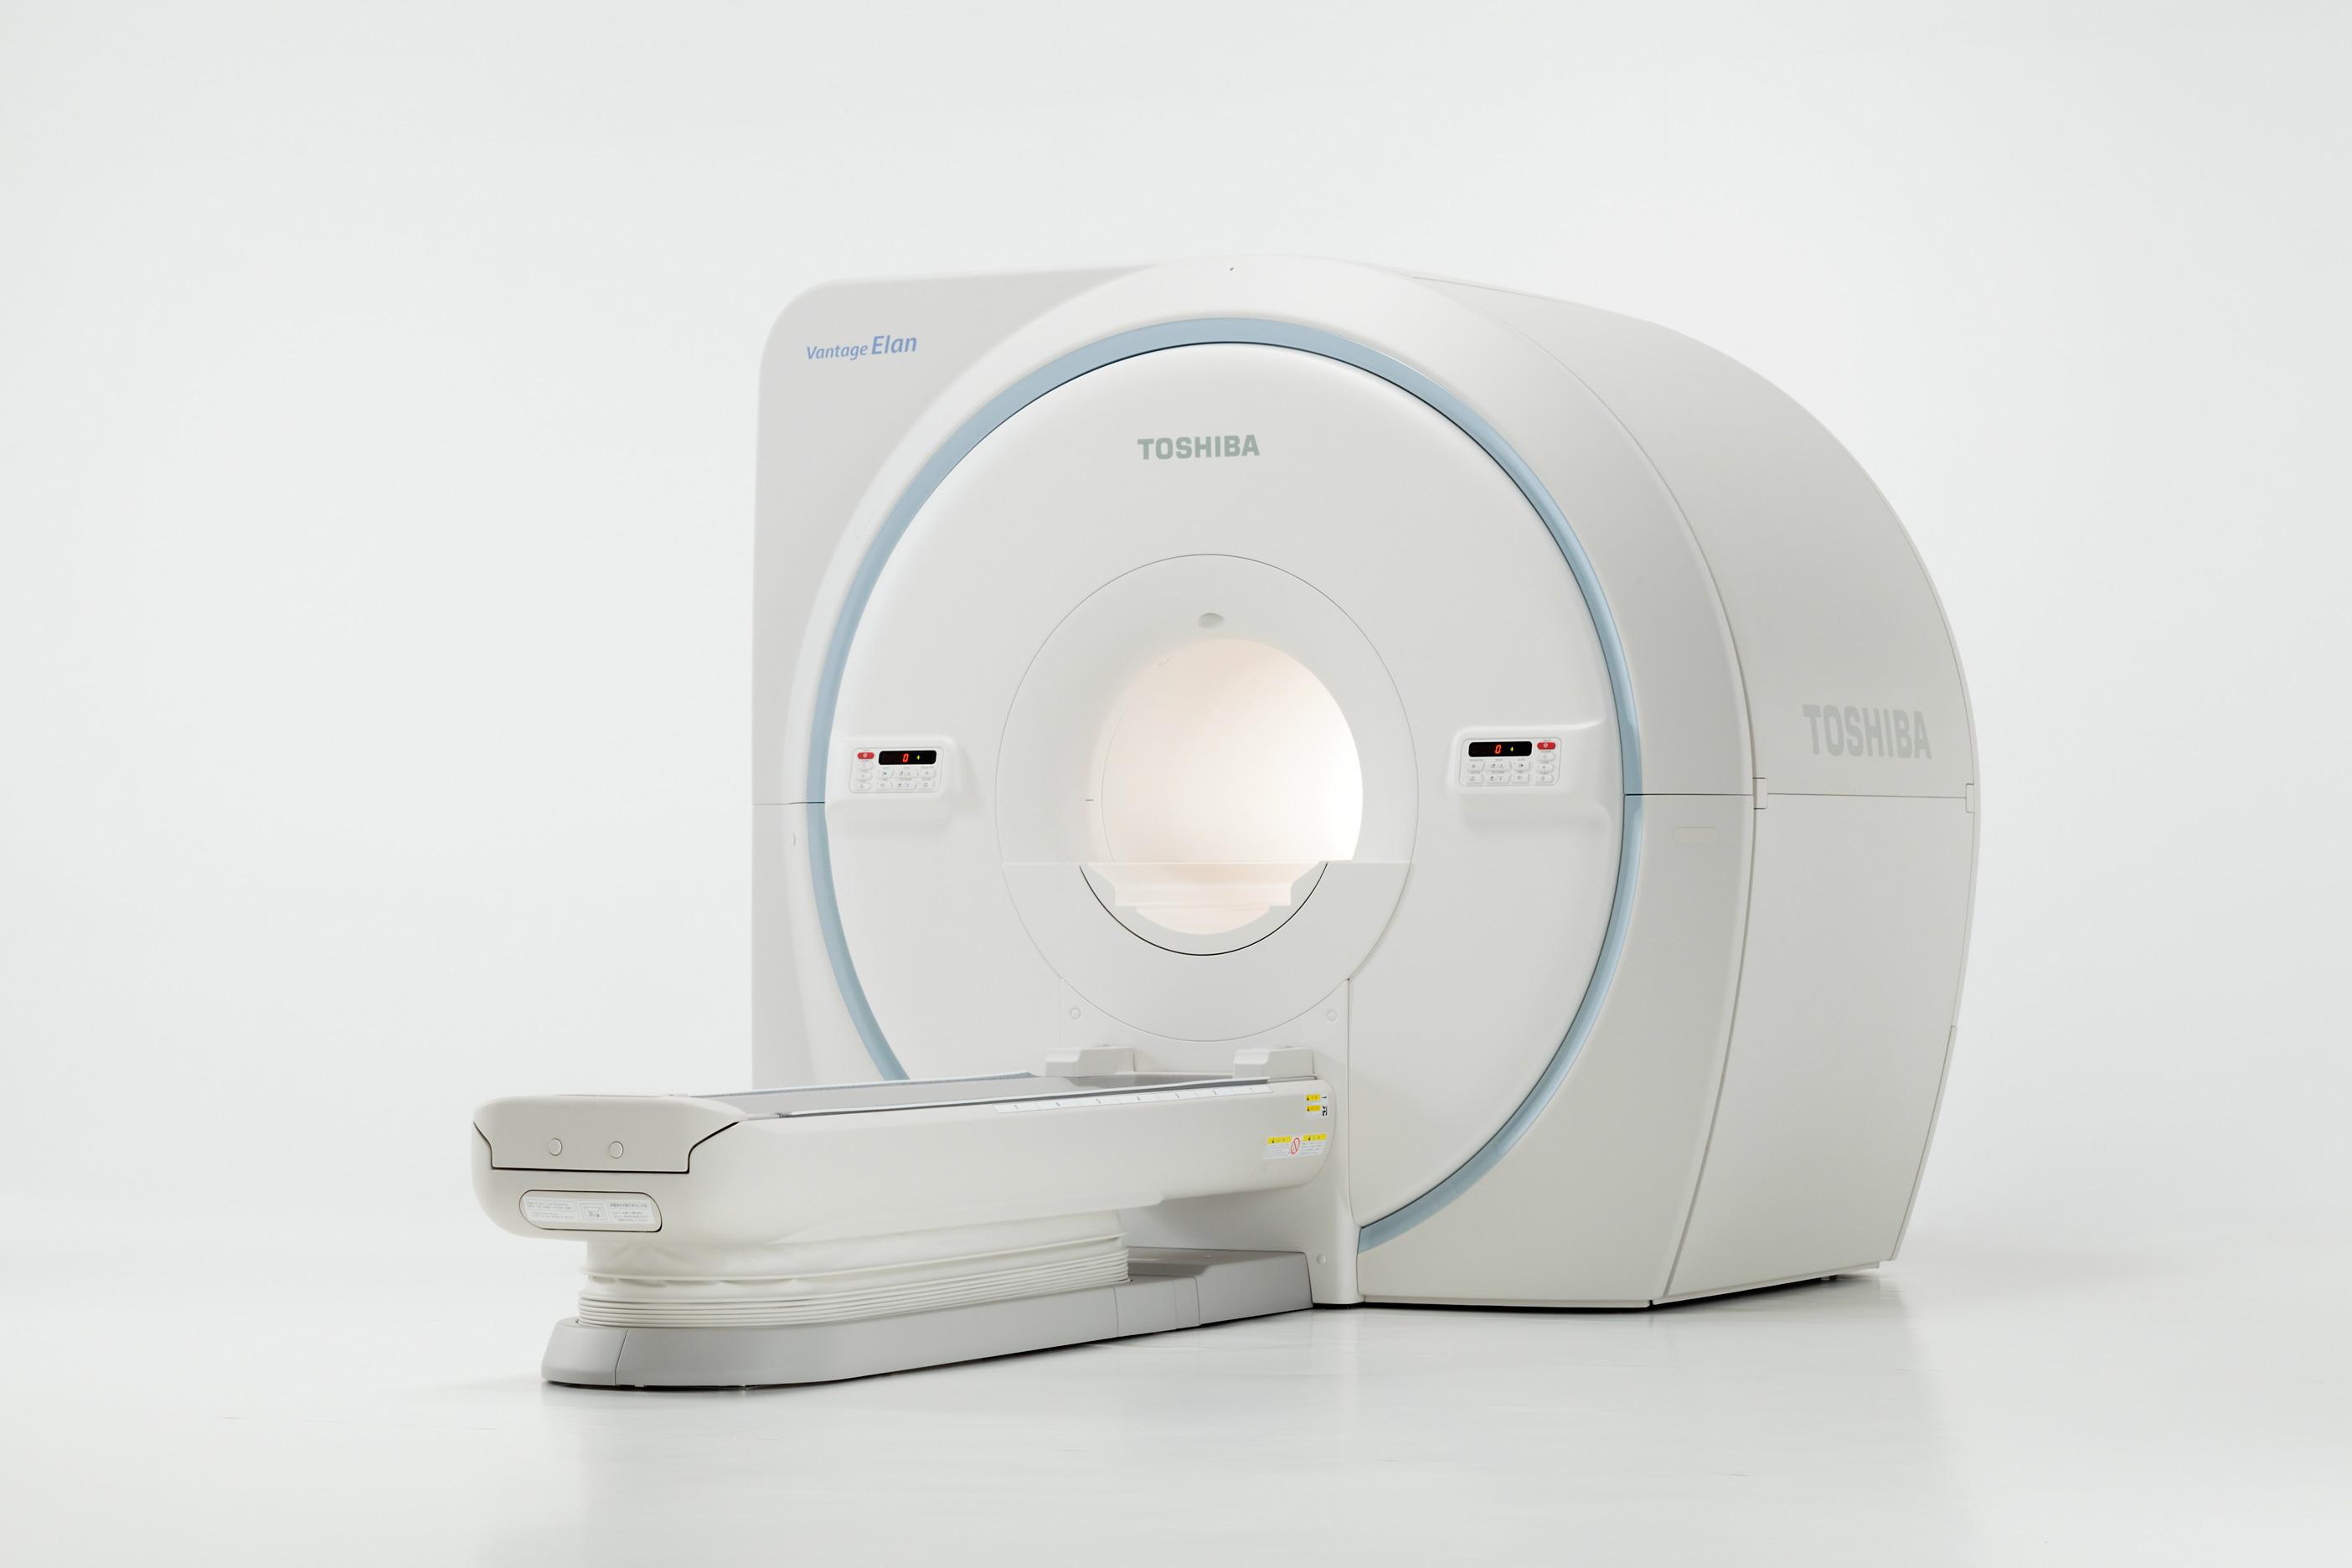 東芝メディカルシステムズ/MRIシステム